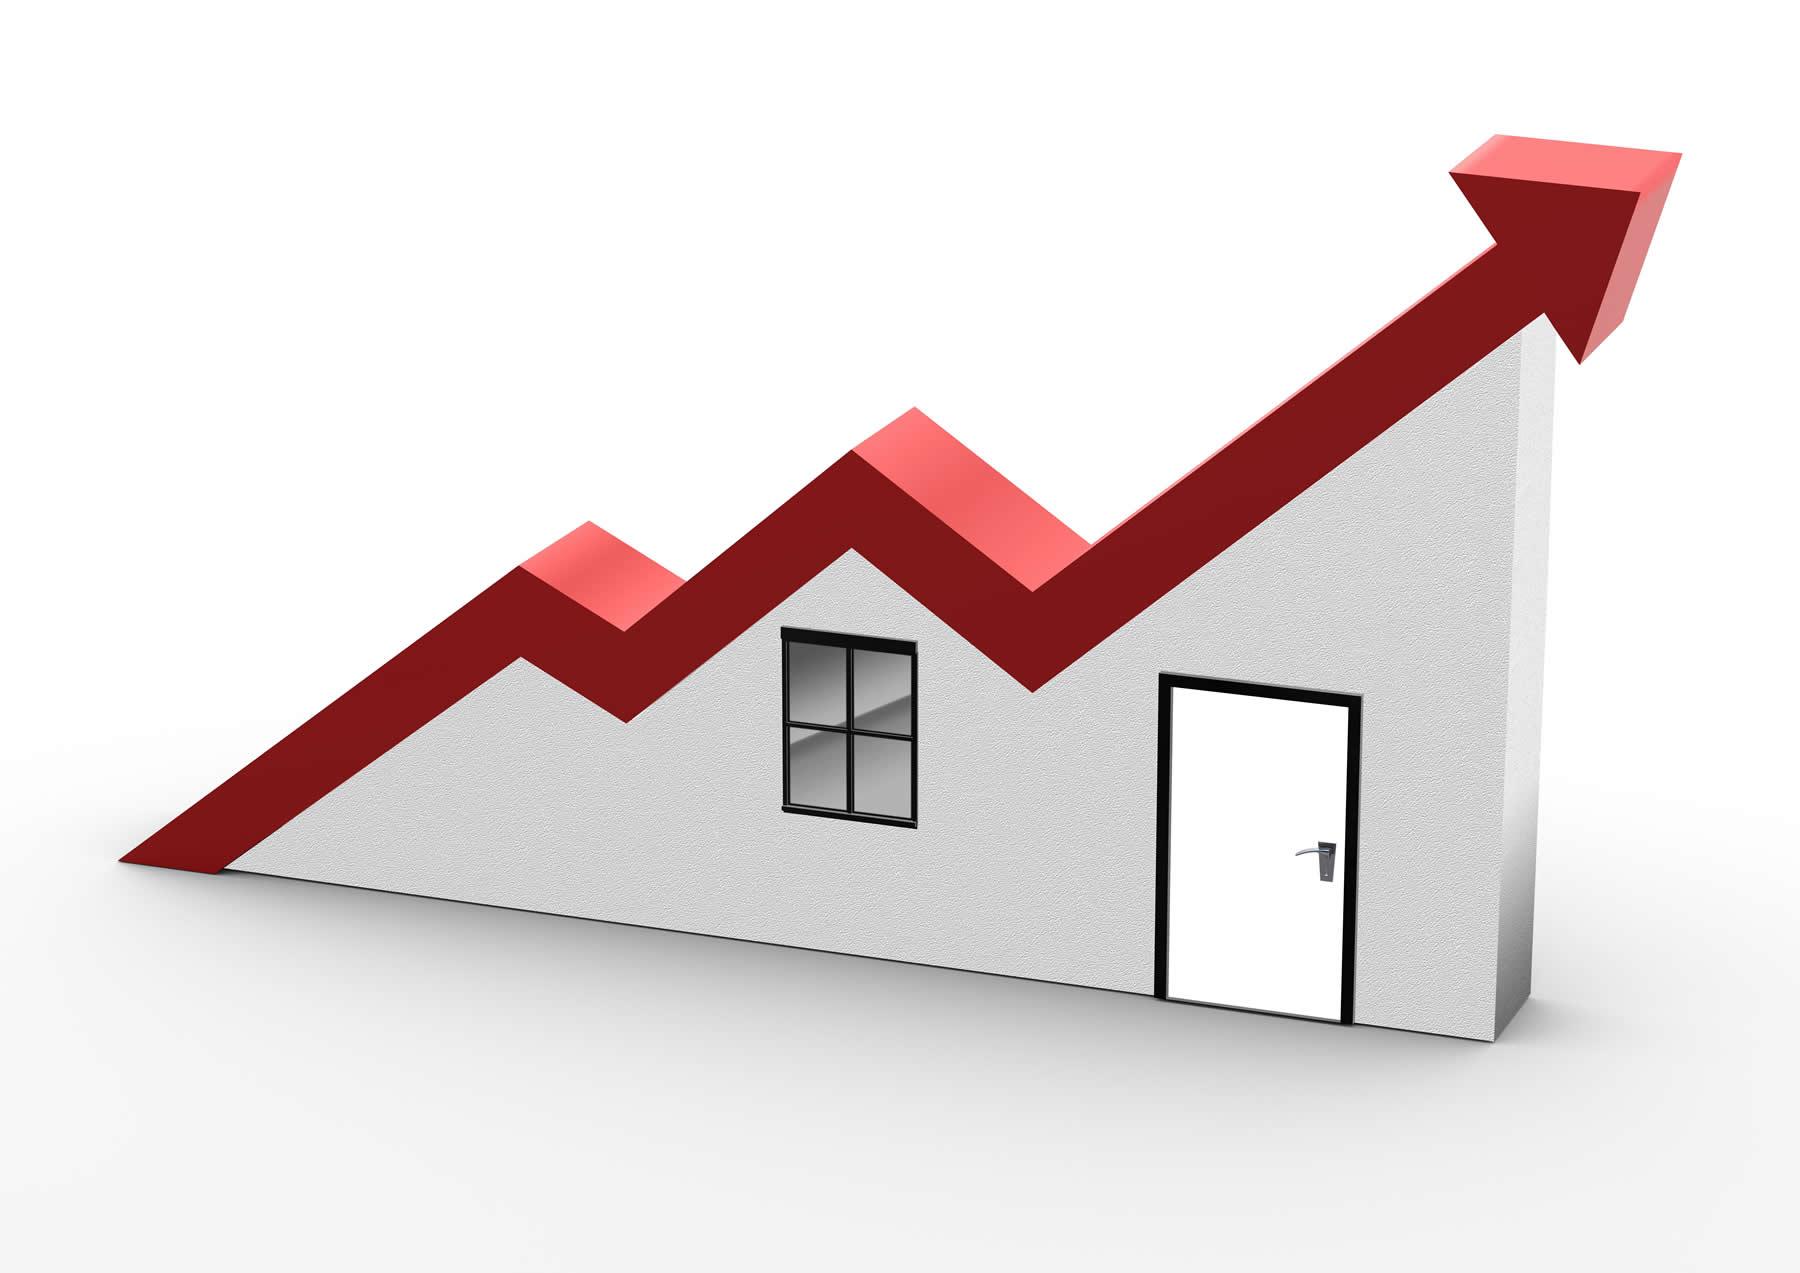 Aumento Valore Immobile Ristrutturato mercato immobiliare: boom affitti e vendita case vecchie, un